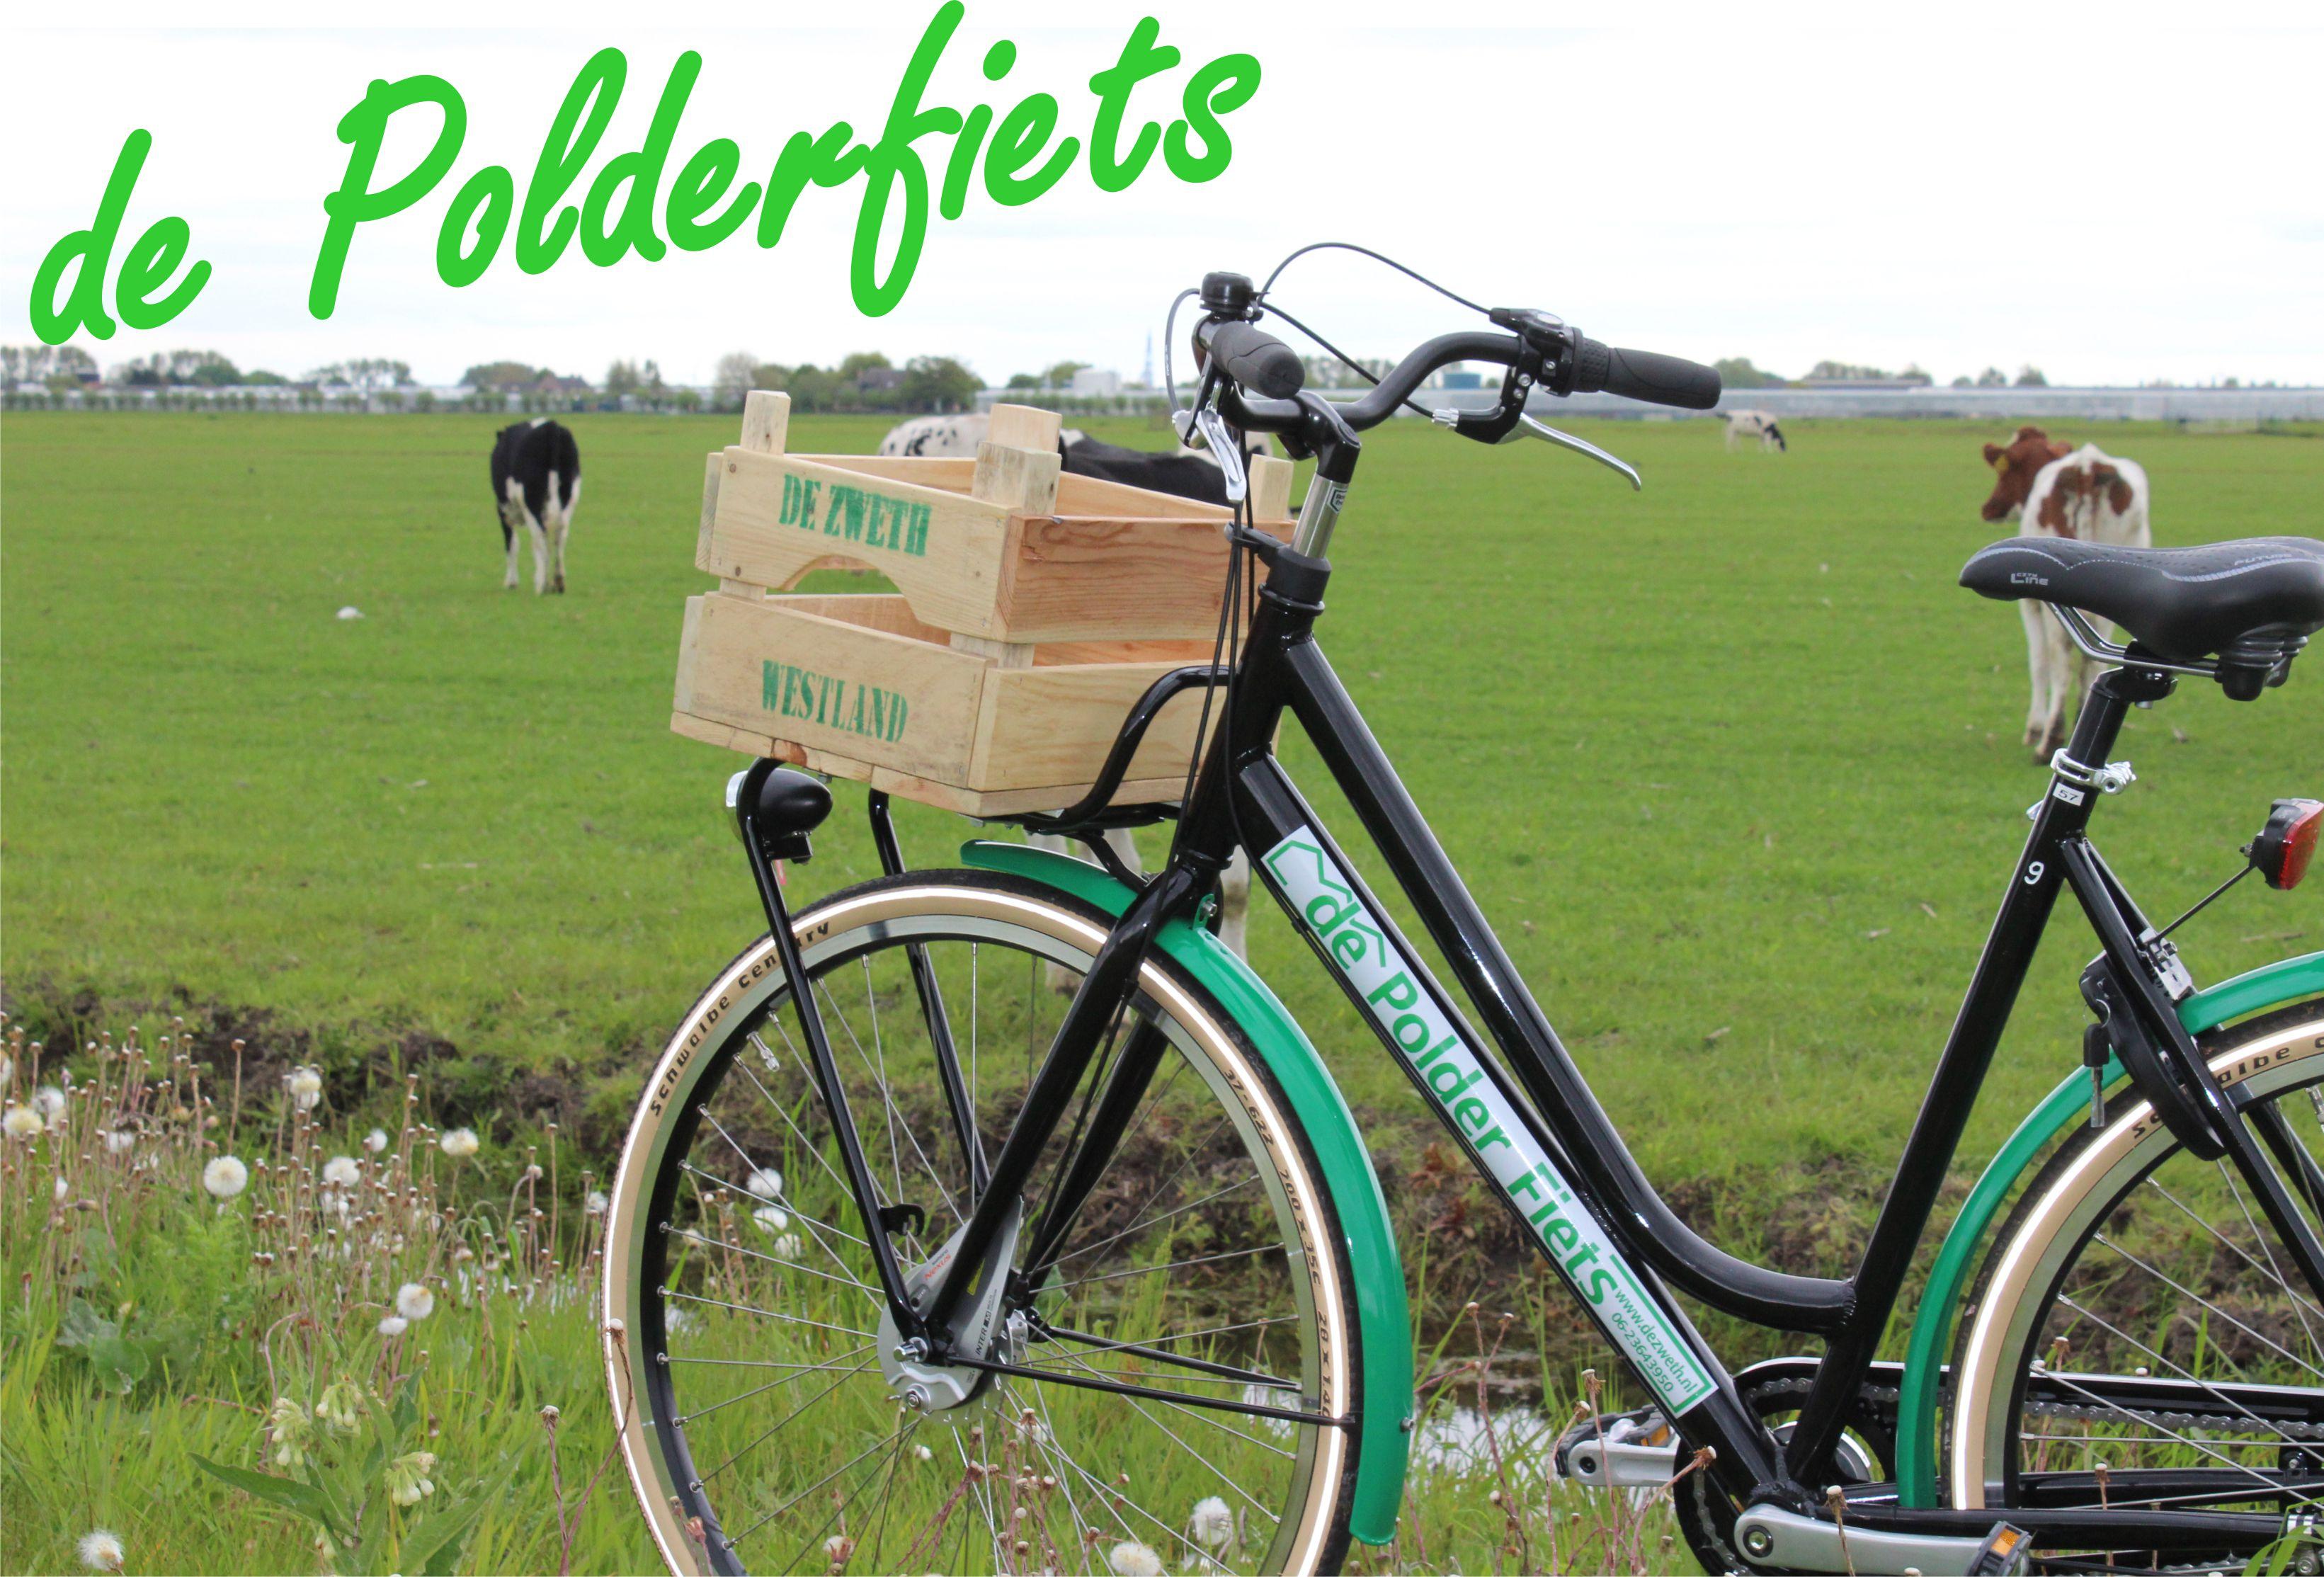 Coole fiets met bakkie